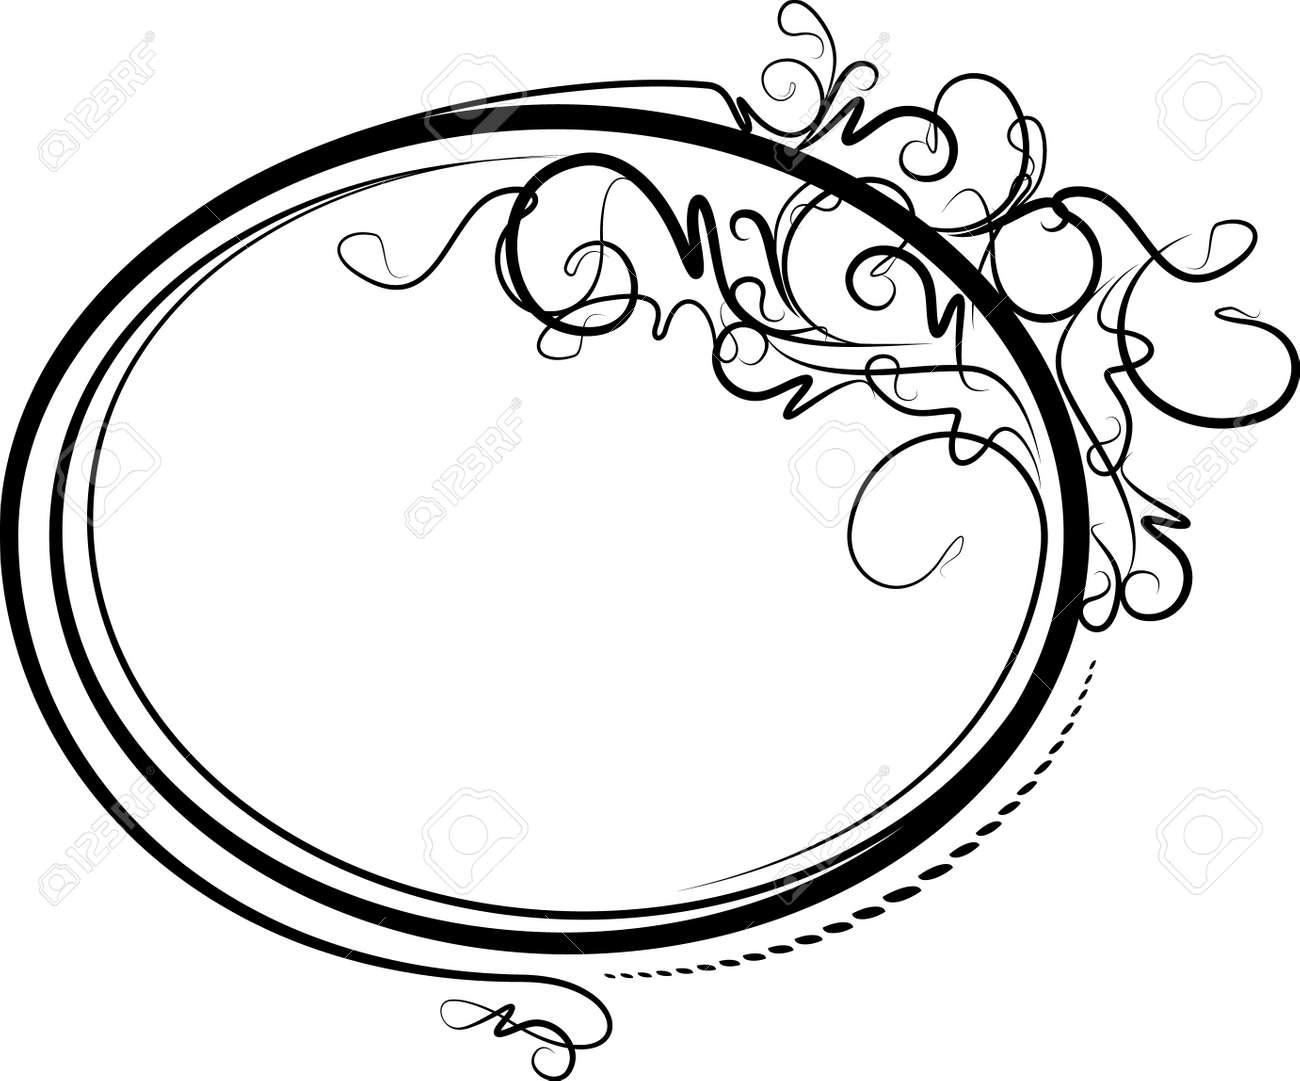 Vertical Oval Frame Clipart swirl Elegant oval frame